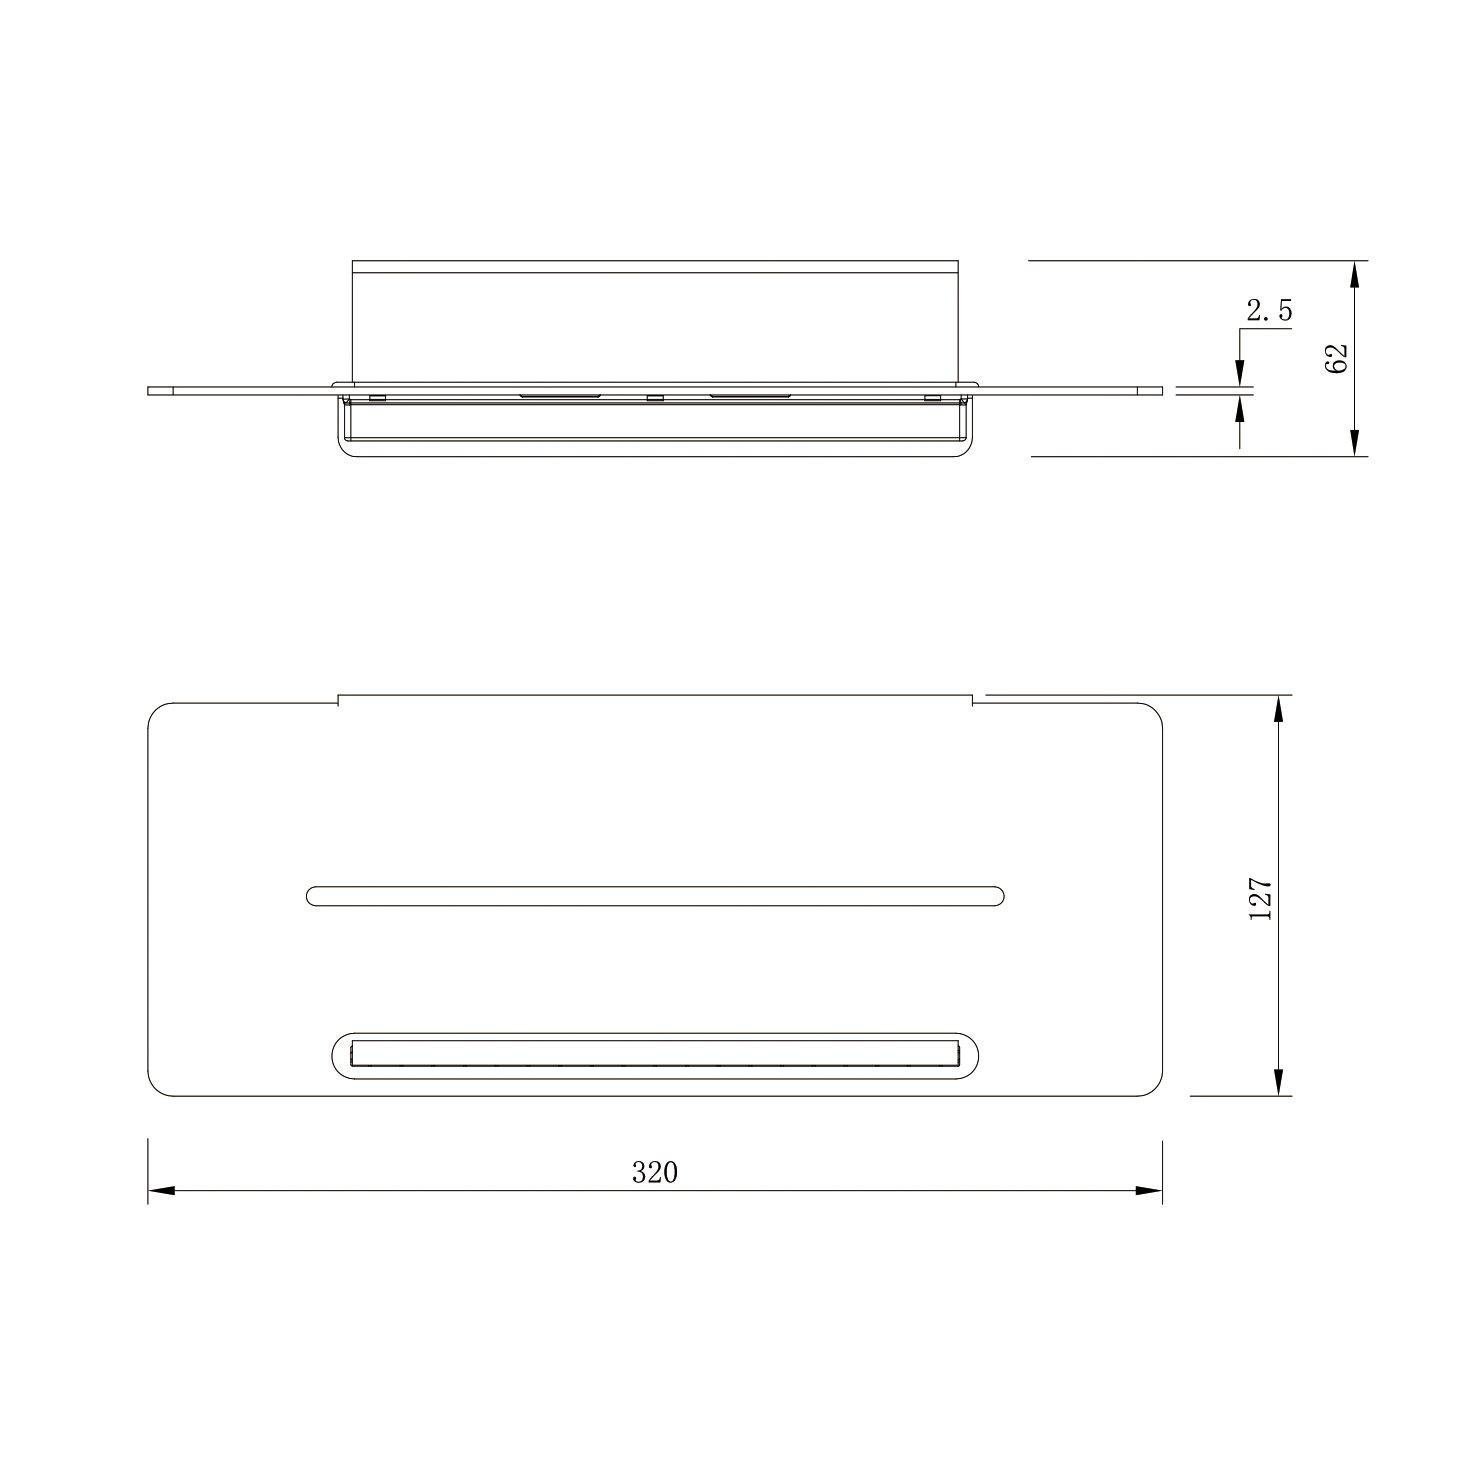 Duschablage DA809 Edelstahl mit Duschabzieher - Farbe Chrom und Schwarz matt wählbar